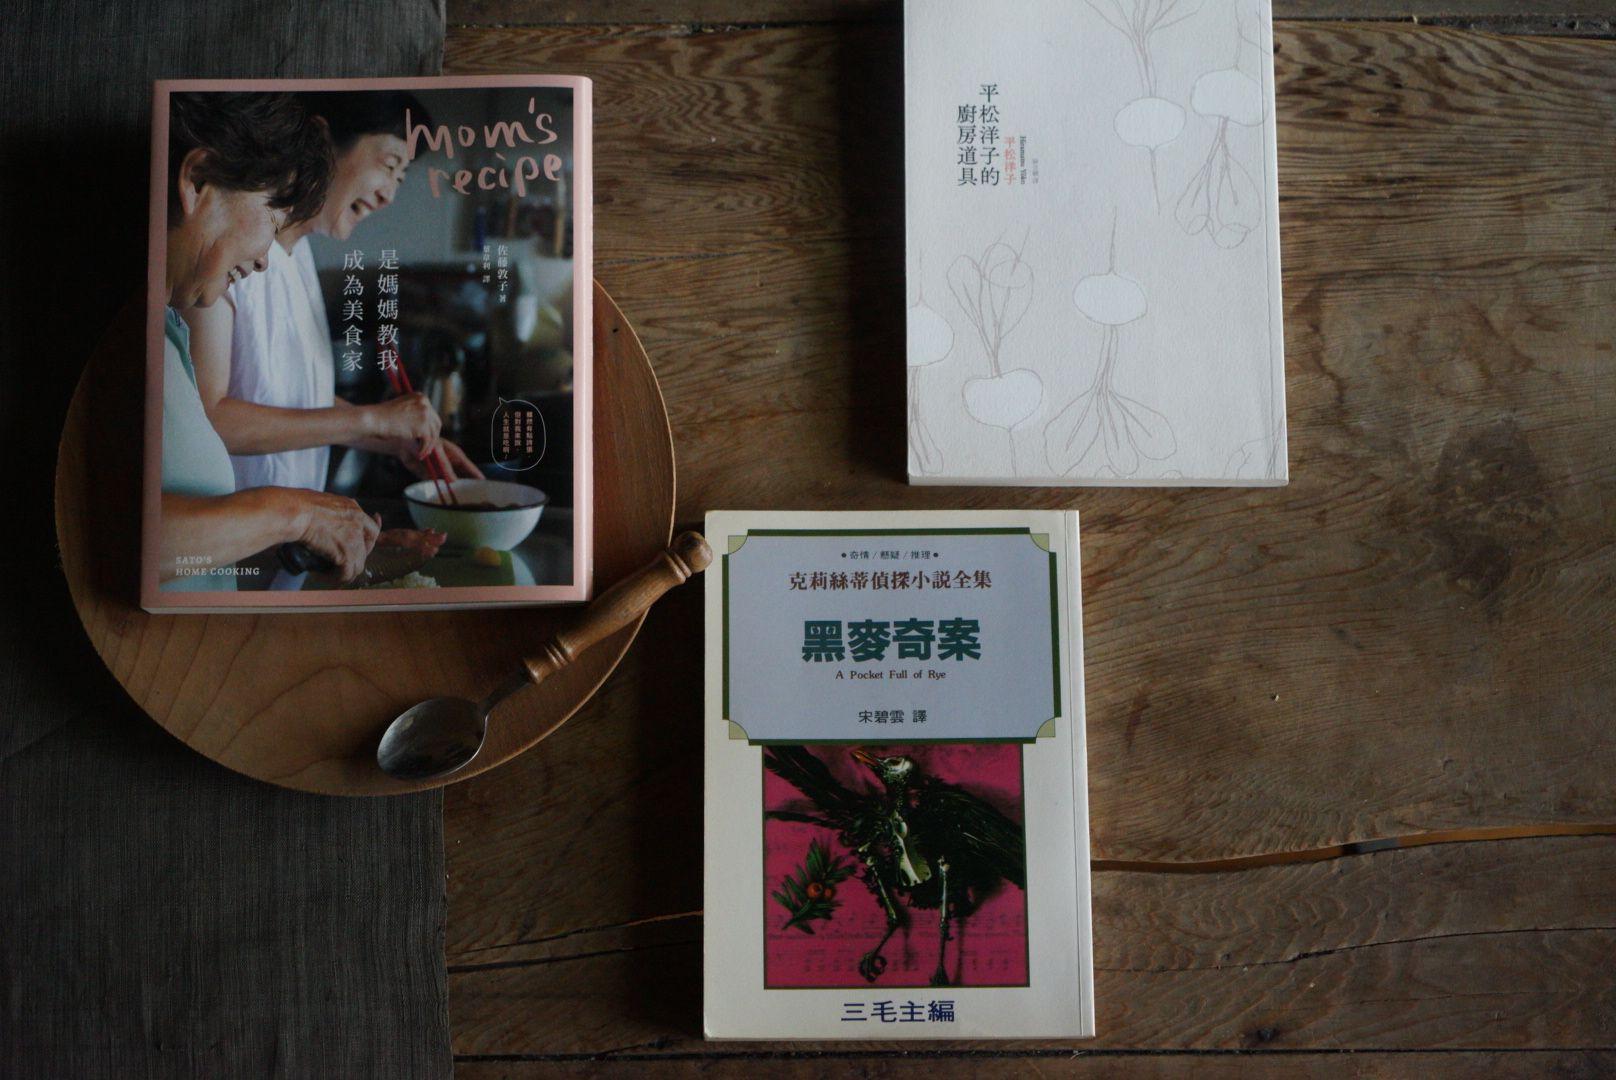 在廚房裡讀偵探小說的美食家!從「阿嘉莎克莉絲蒂」到「平松洋子」,盧怡安書單不藏私分享